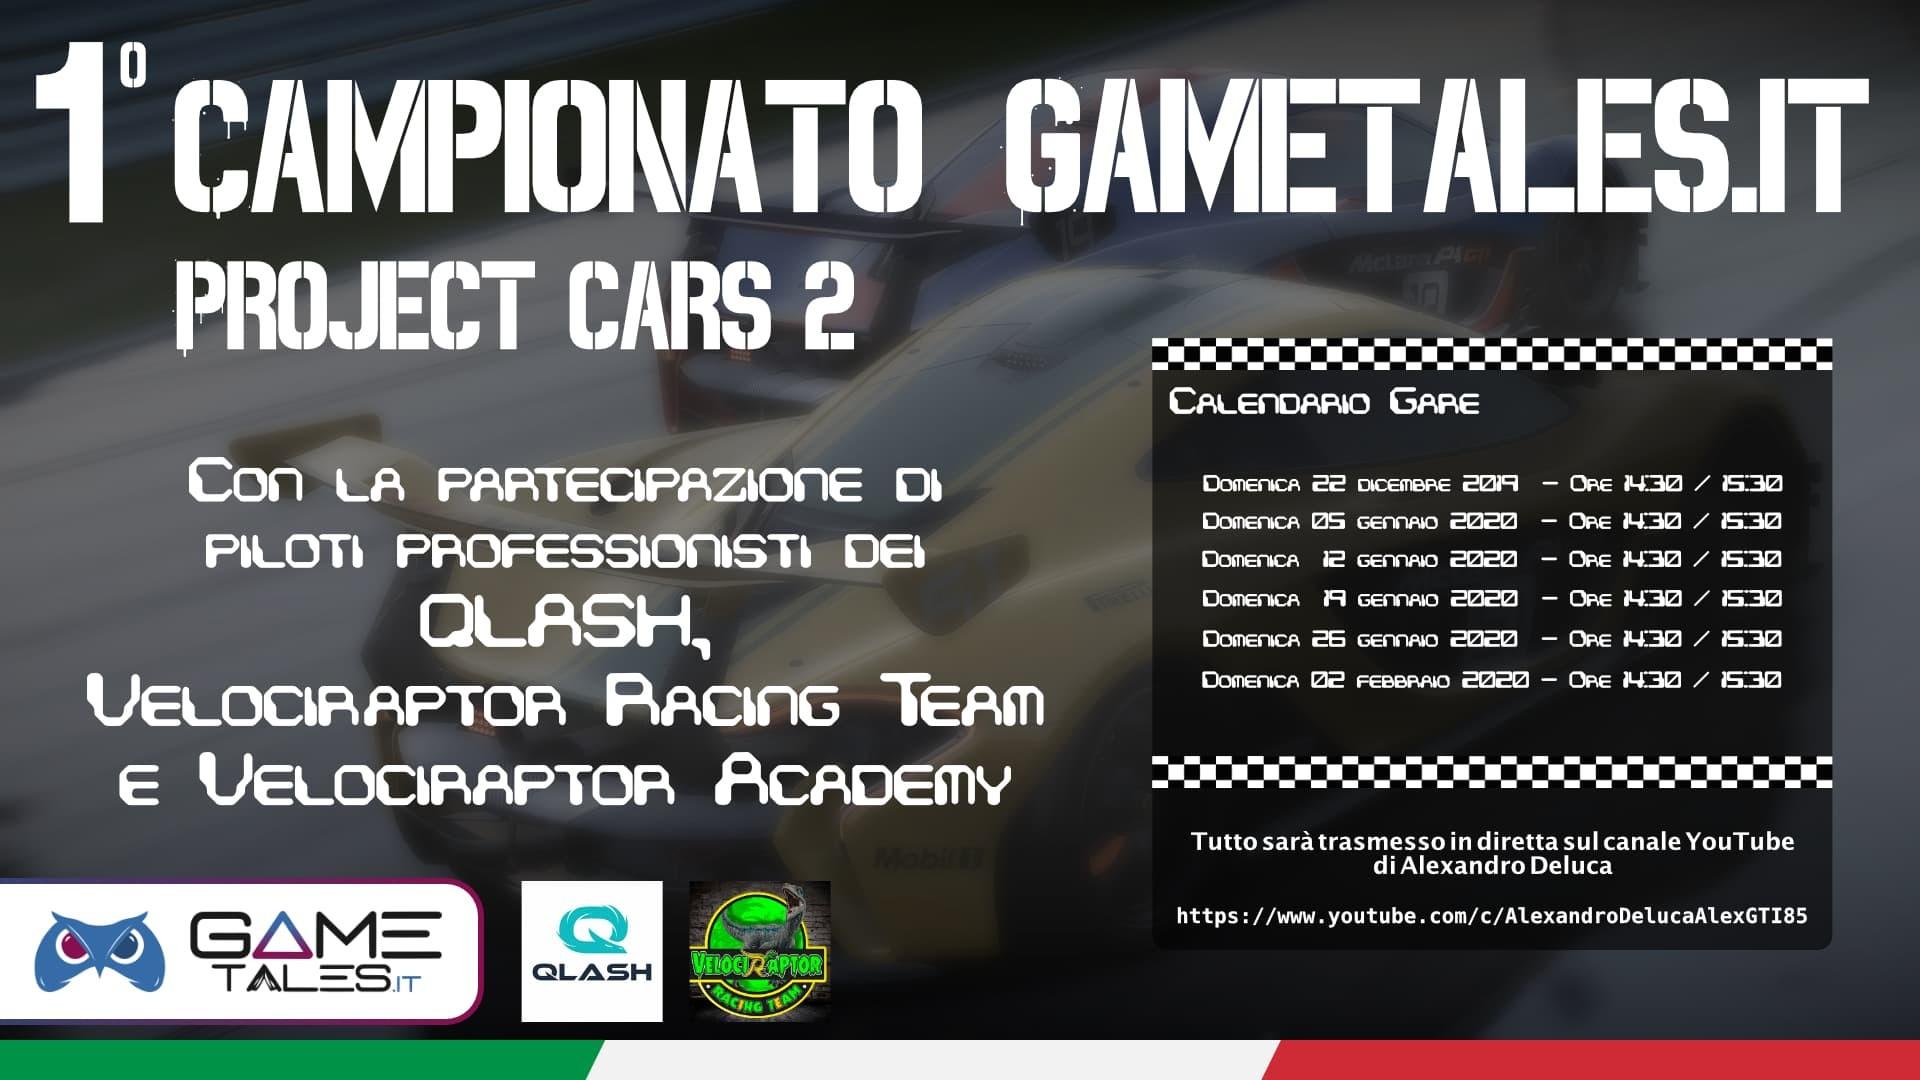 primo campionato project cars 2 gametales